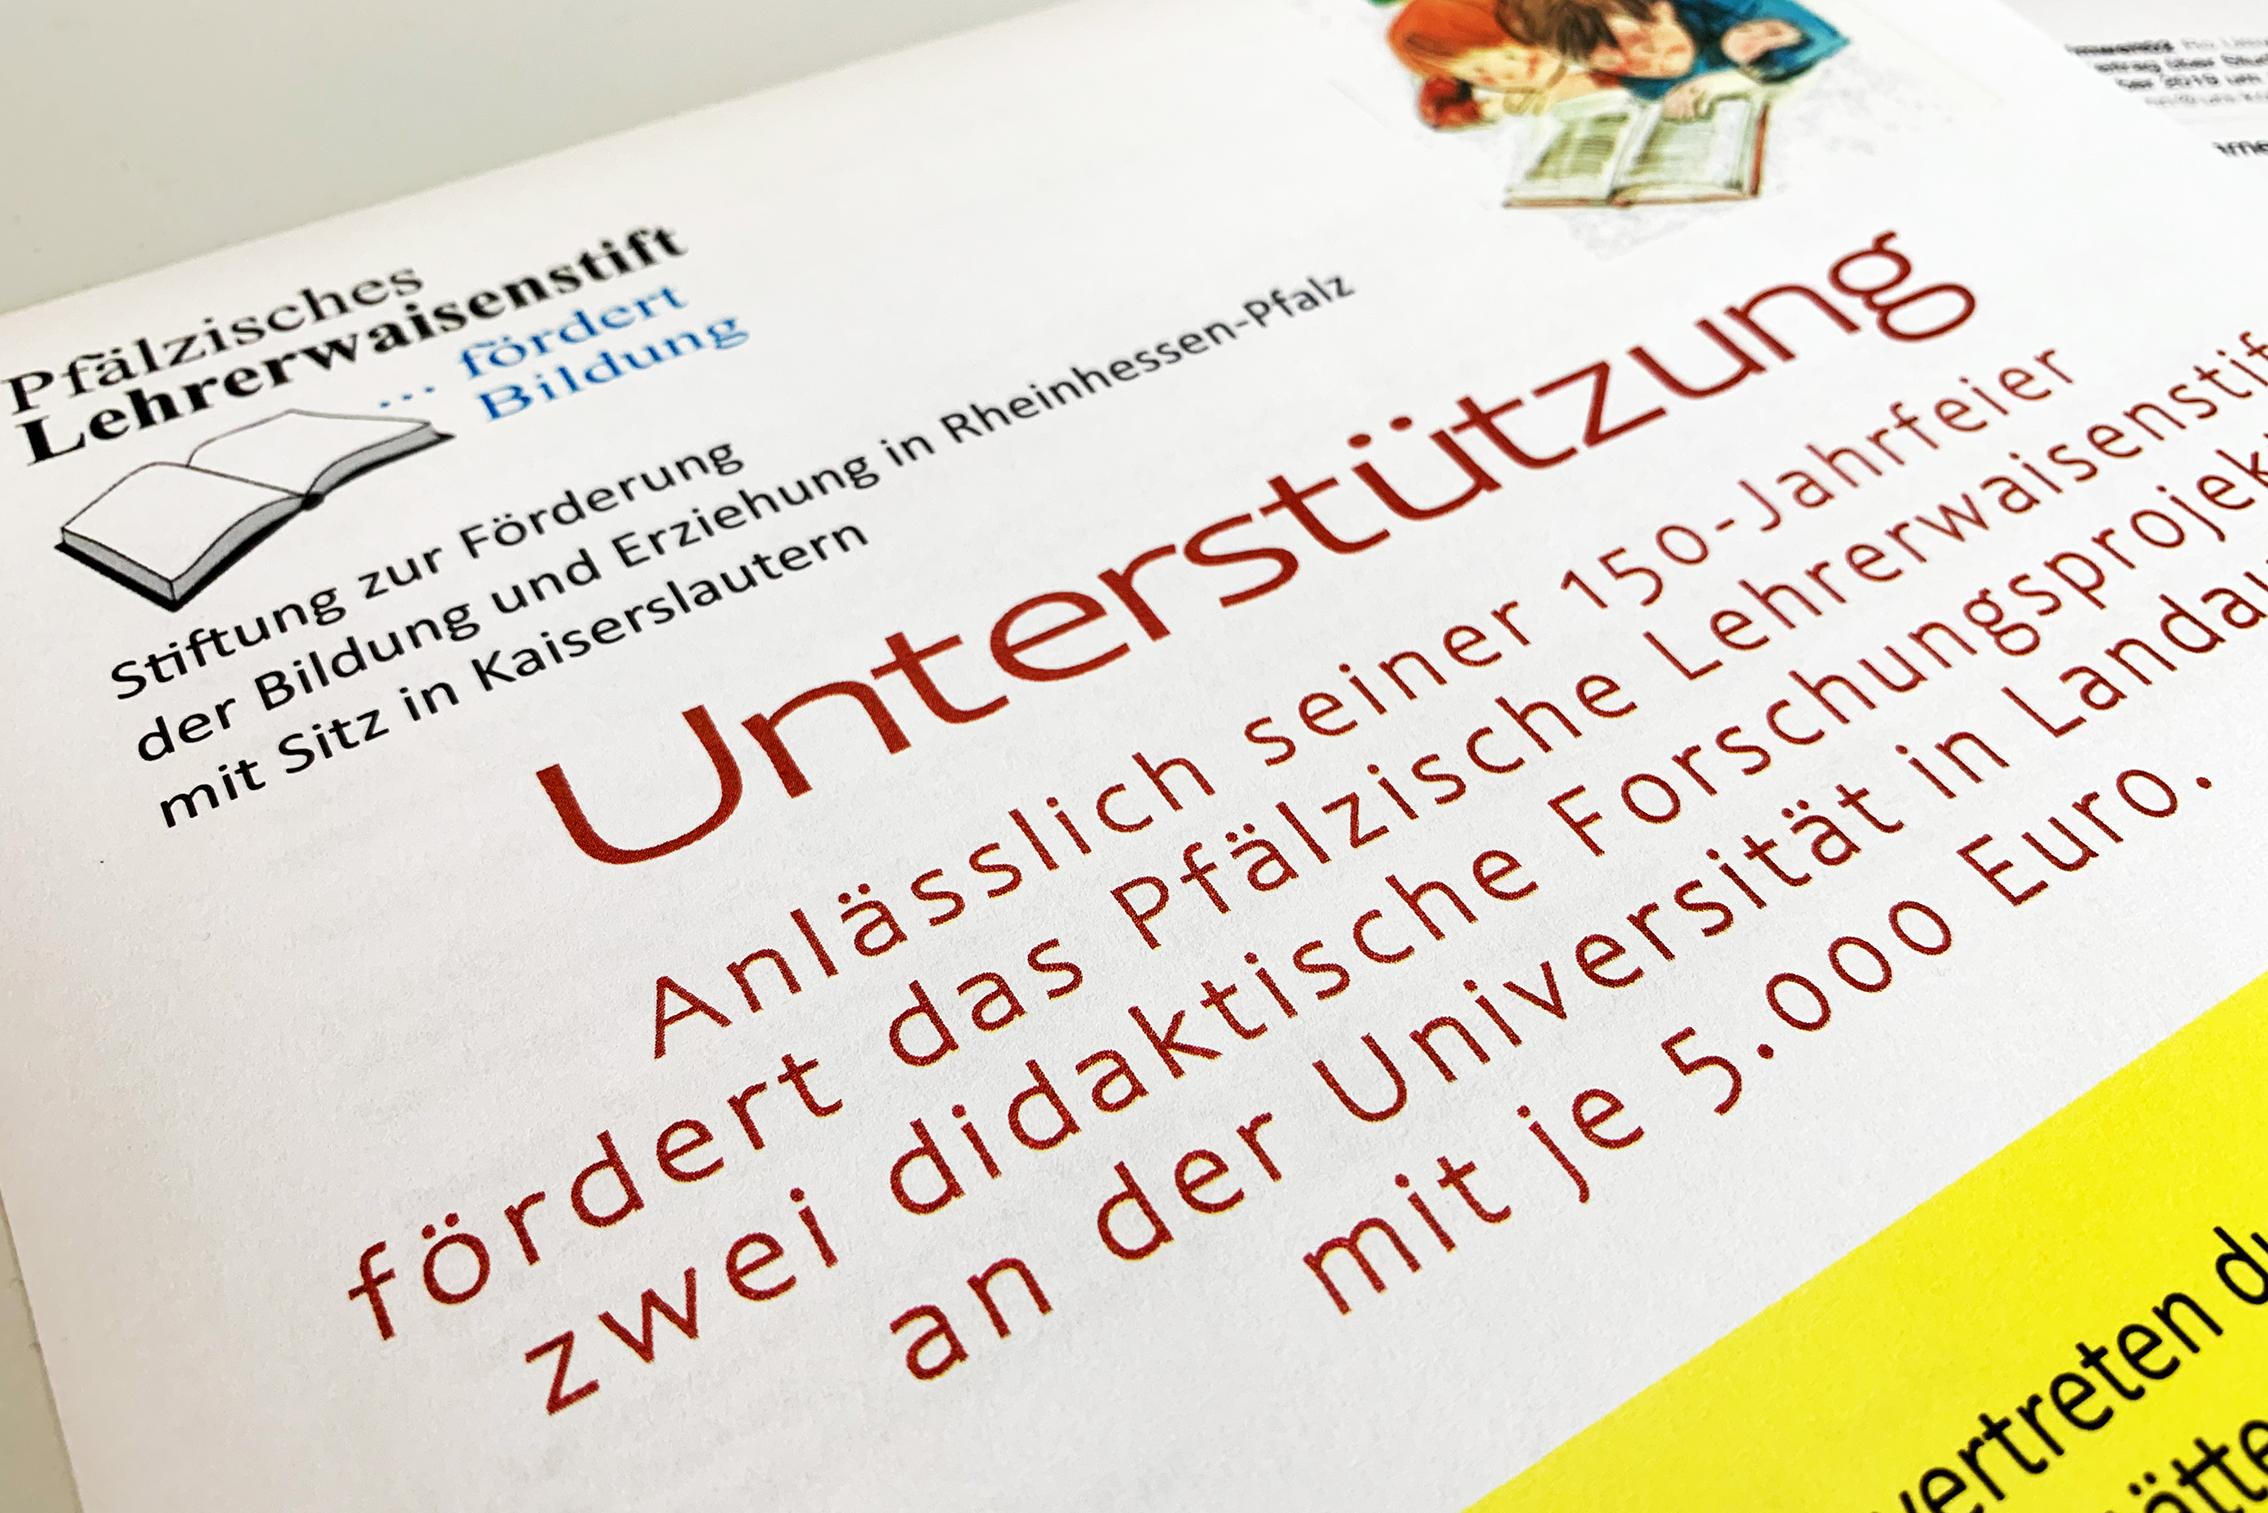 Pfälzisches Lehrerwaisenstift fördert zwei Forschungsprojekte am Campus Landau